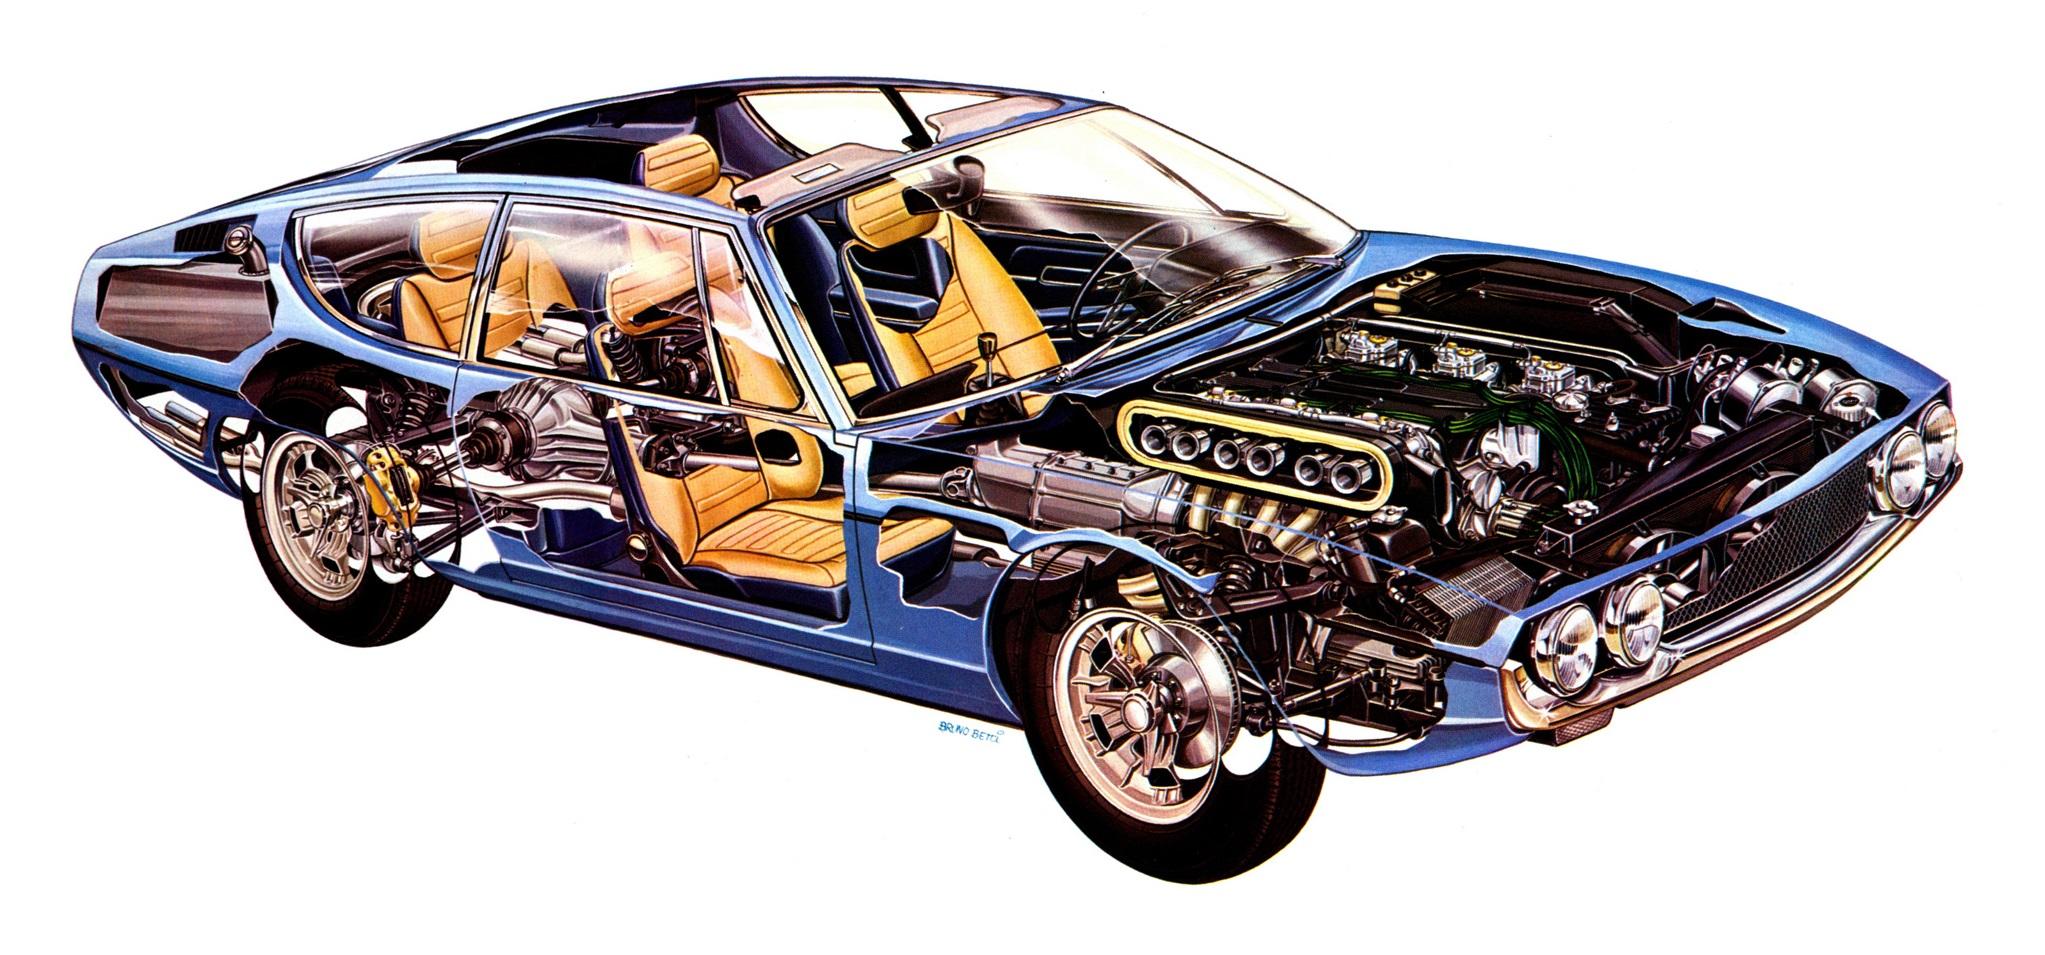 Lamborghini Espada Series III - как автомобиль на каждый день